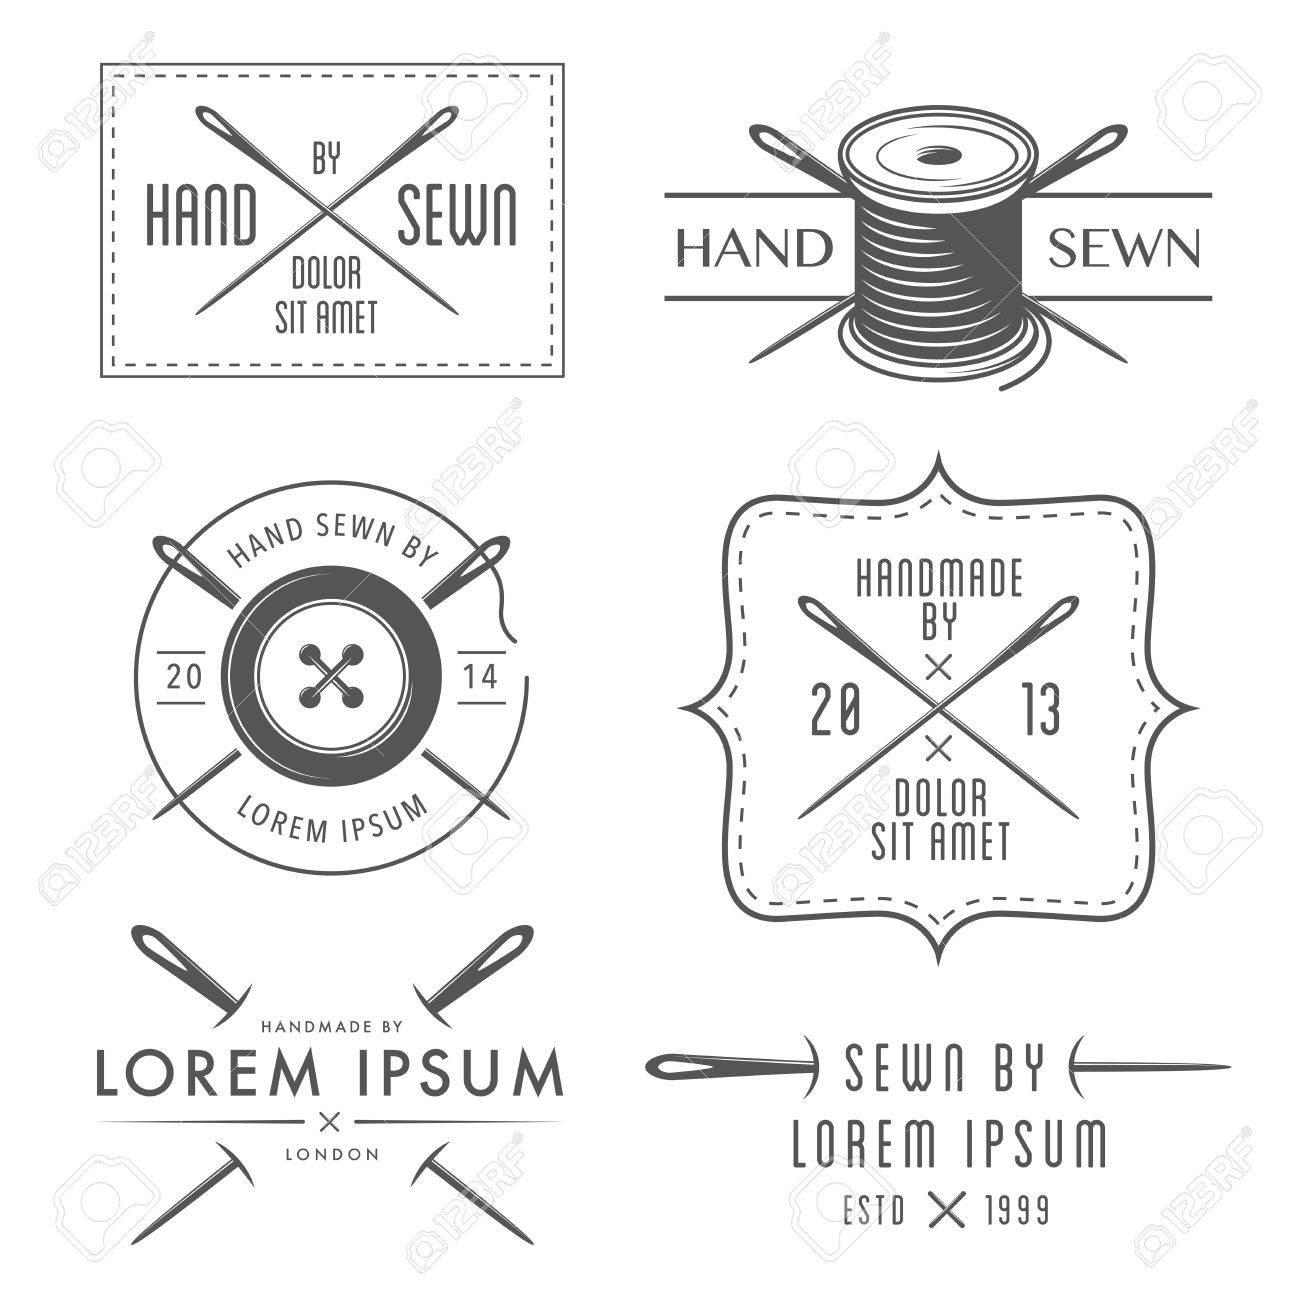 Set of vintage tailor labels and emblems - 23283707